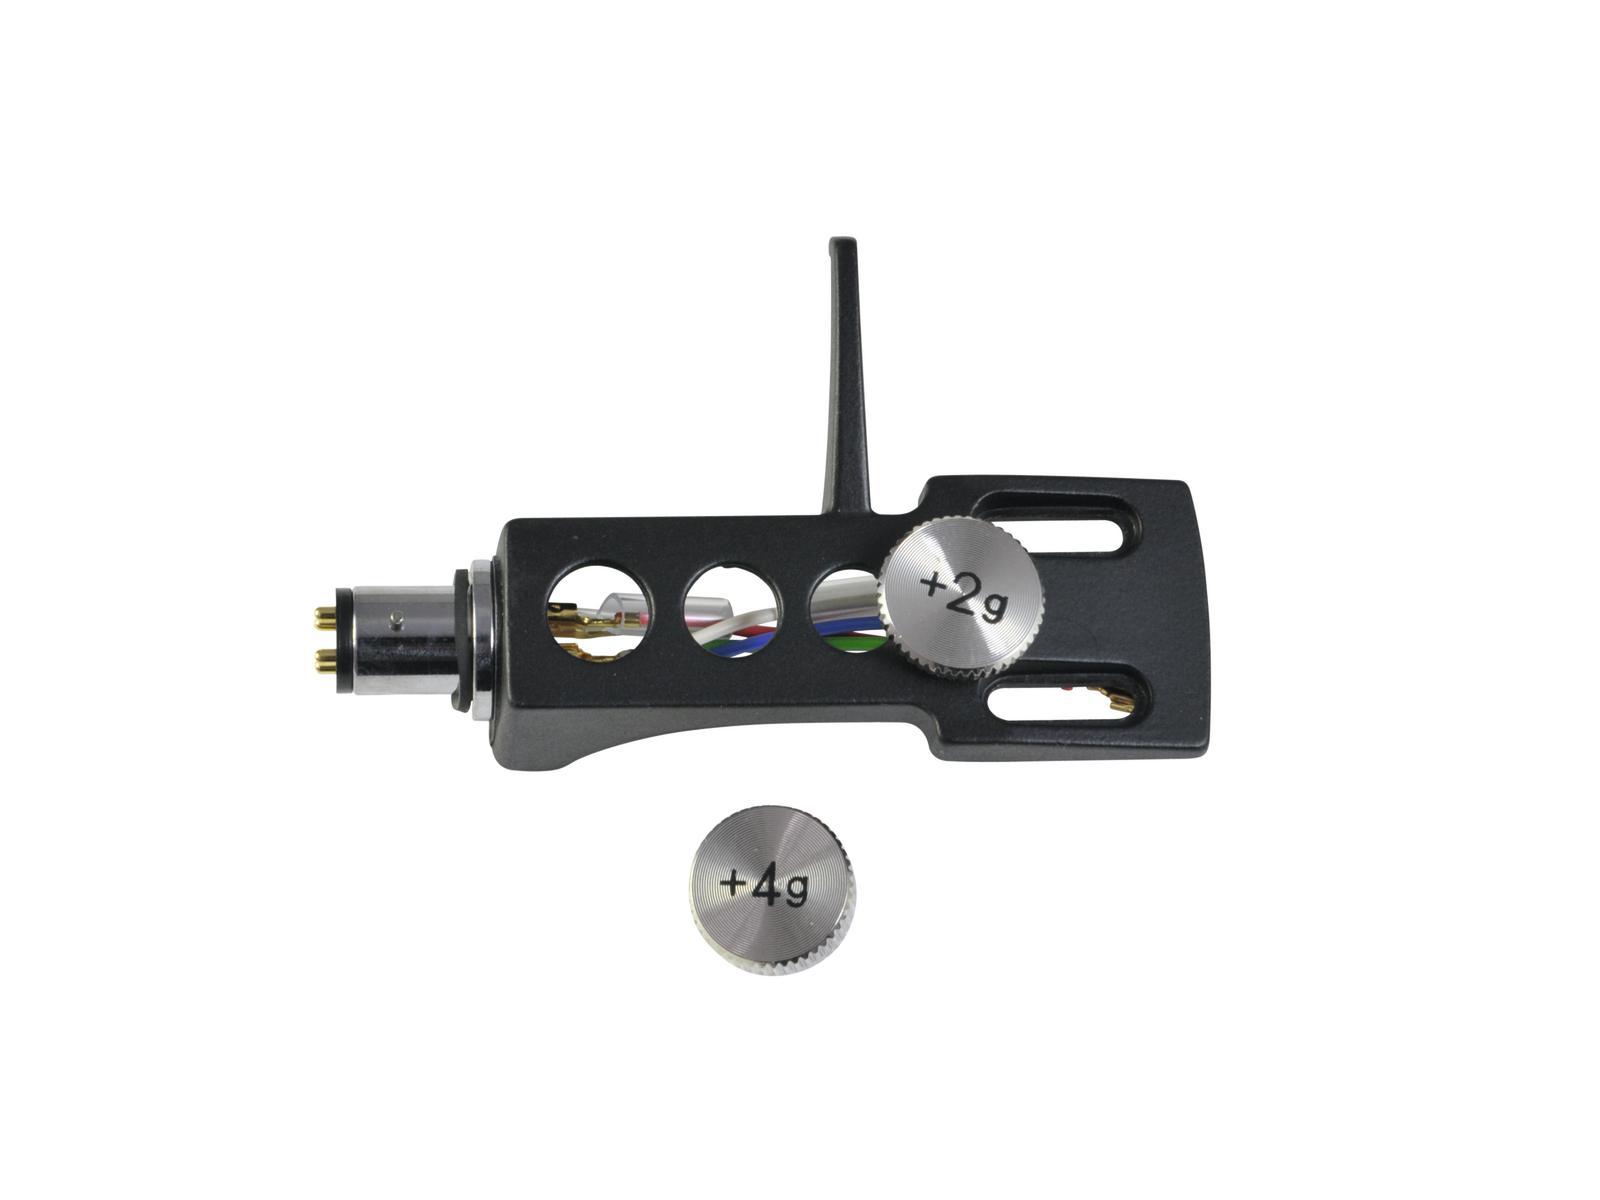 OMNITRONIC Headshell Systemträger mit Gewichten sw